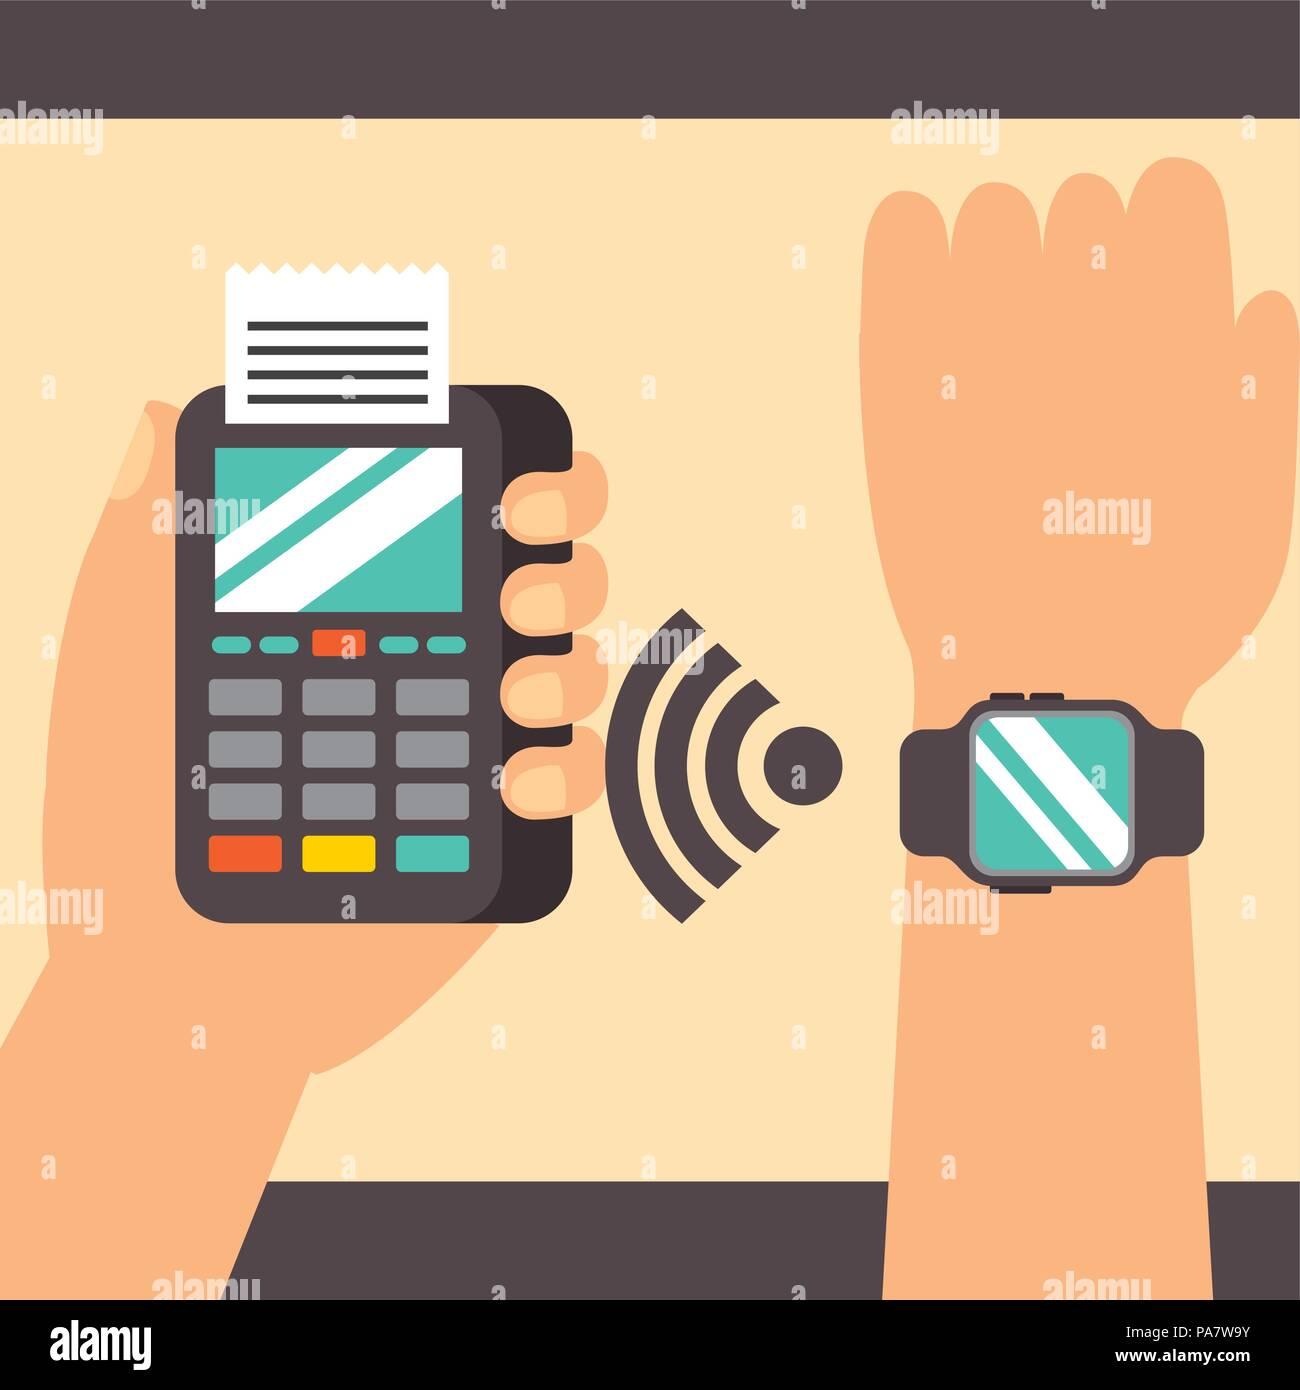 1780be5fc4fe Tecnología de pago NFC mano usando la señal de reloj de pulsera datáfono ilustración  vectorial Imagen